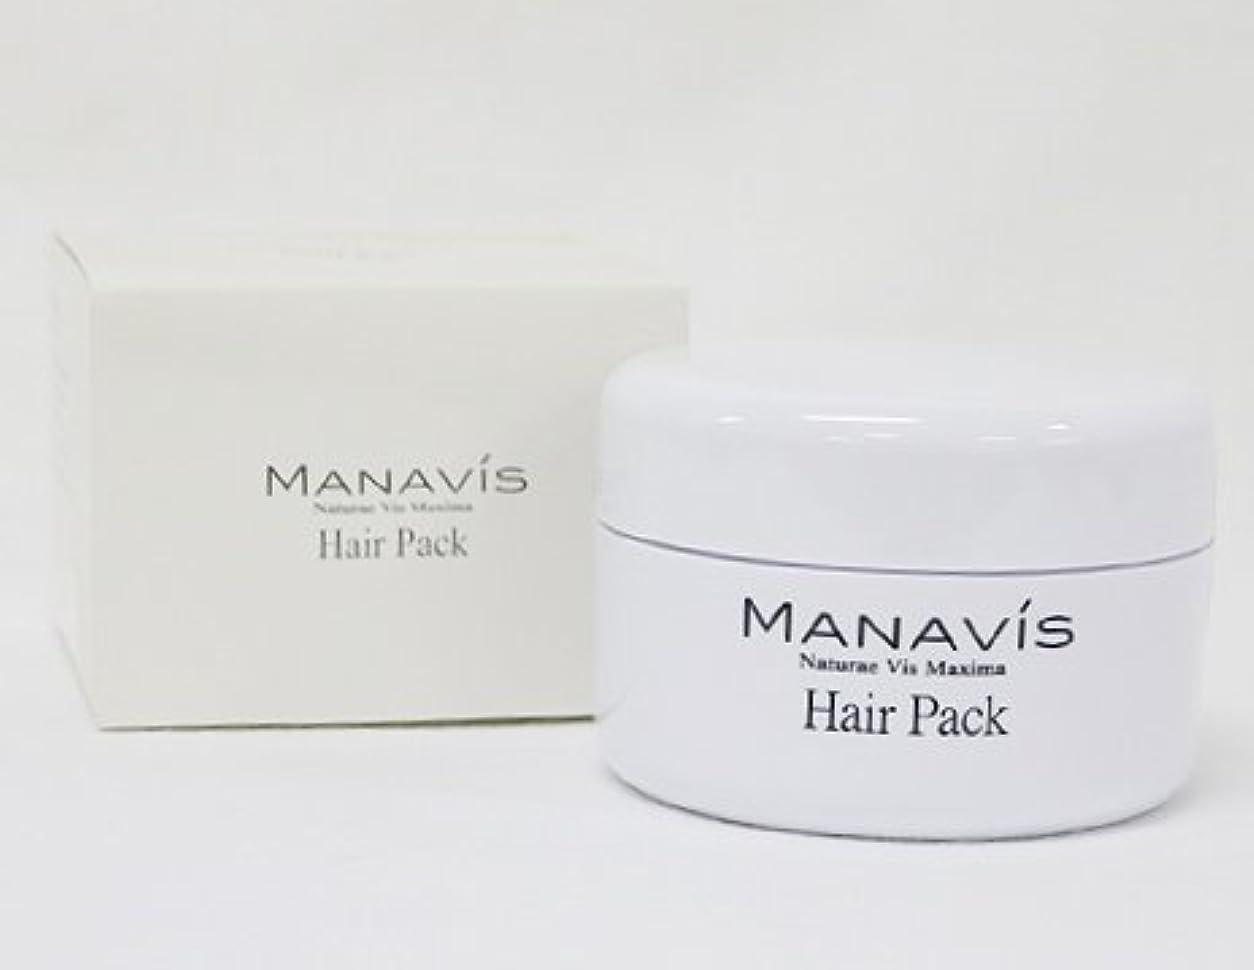 微視的非効率的な達成するMANAVIS マナビス化粧品 マナビス ヘアパック  (洗い流すタイプ)